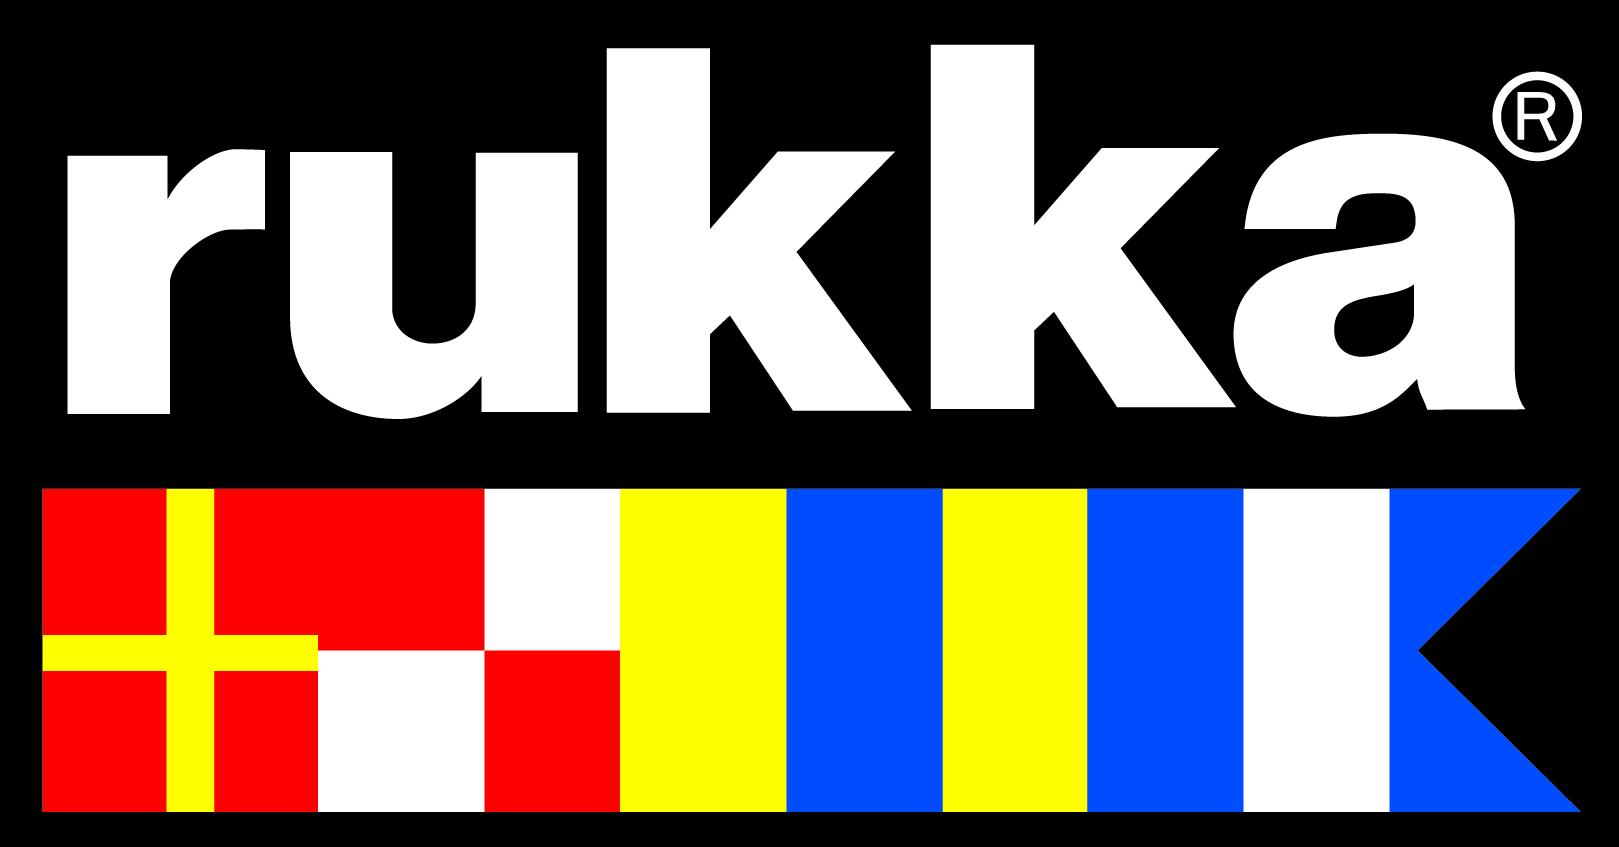 Rukka_logo.png